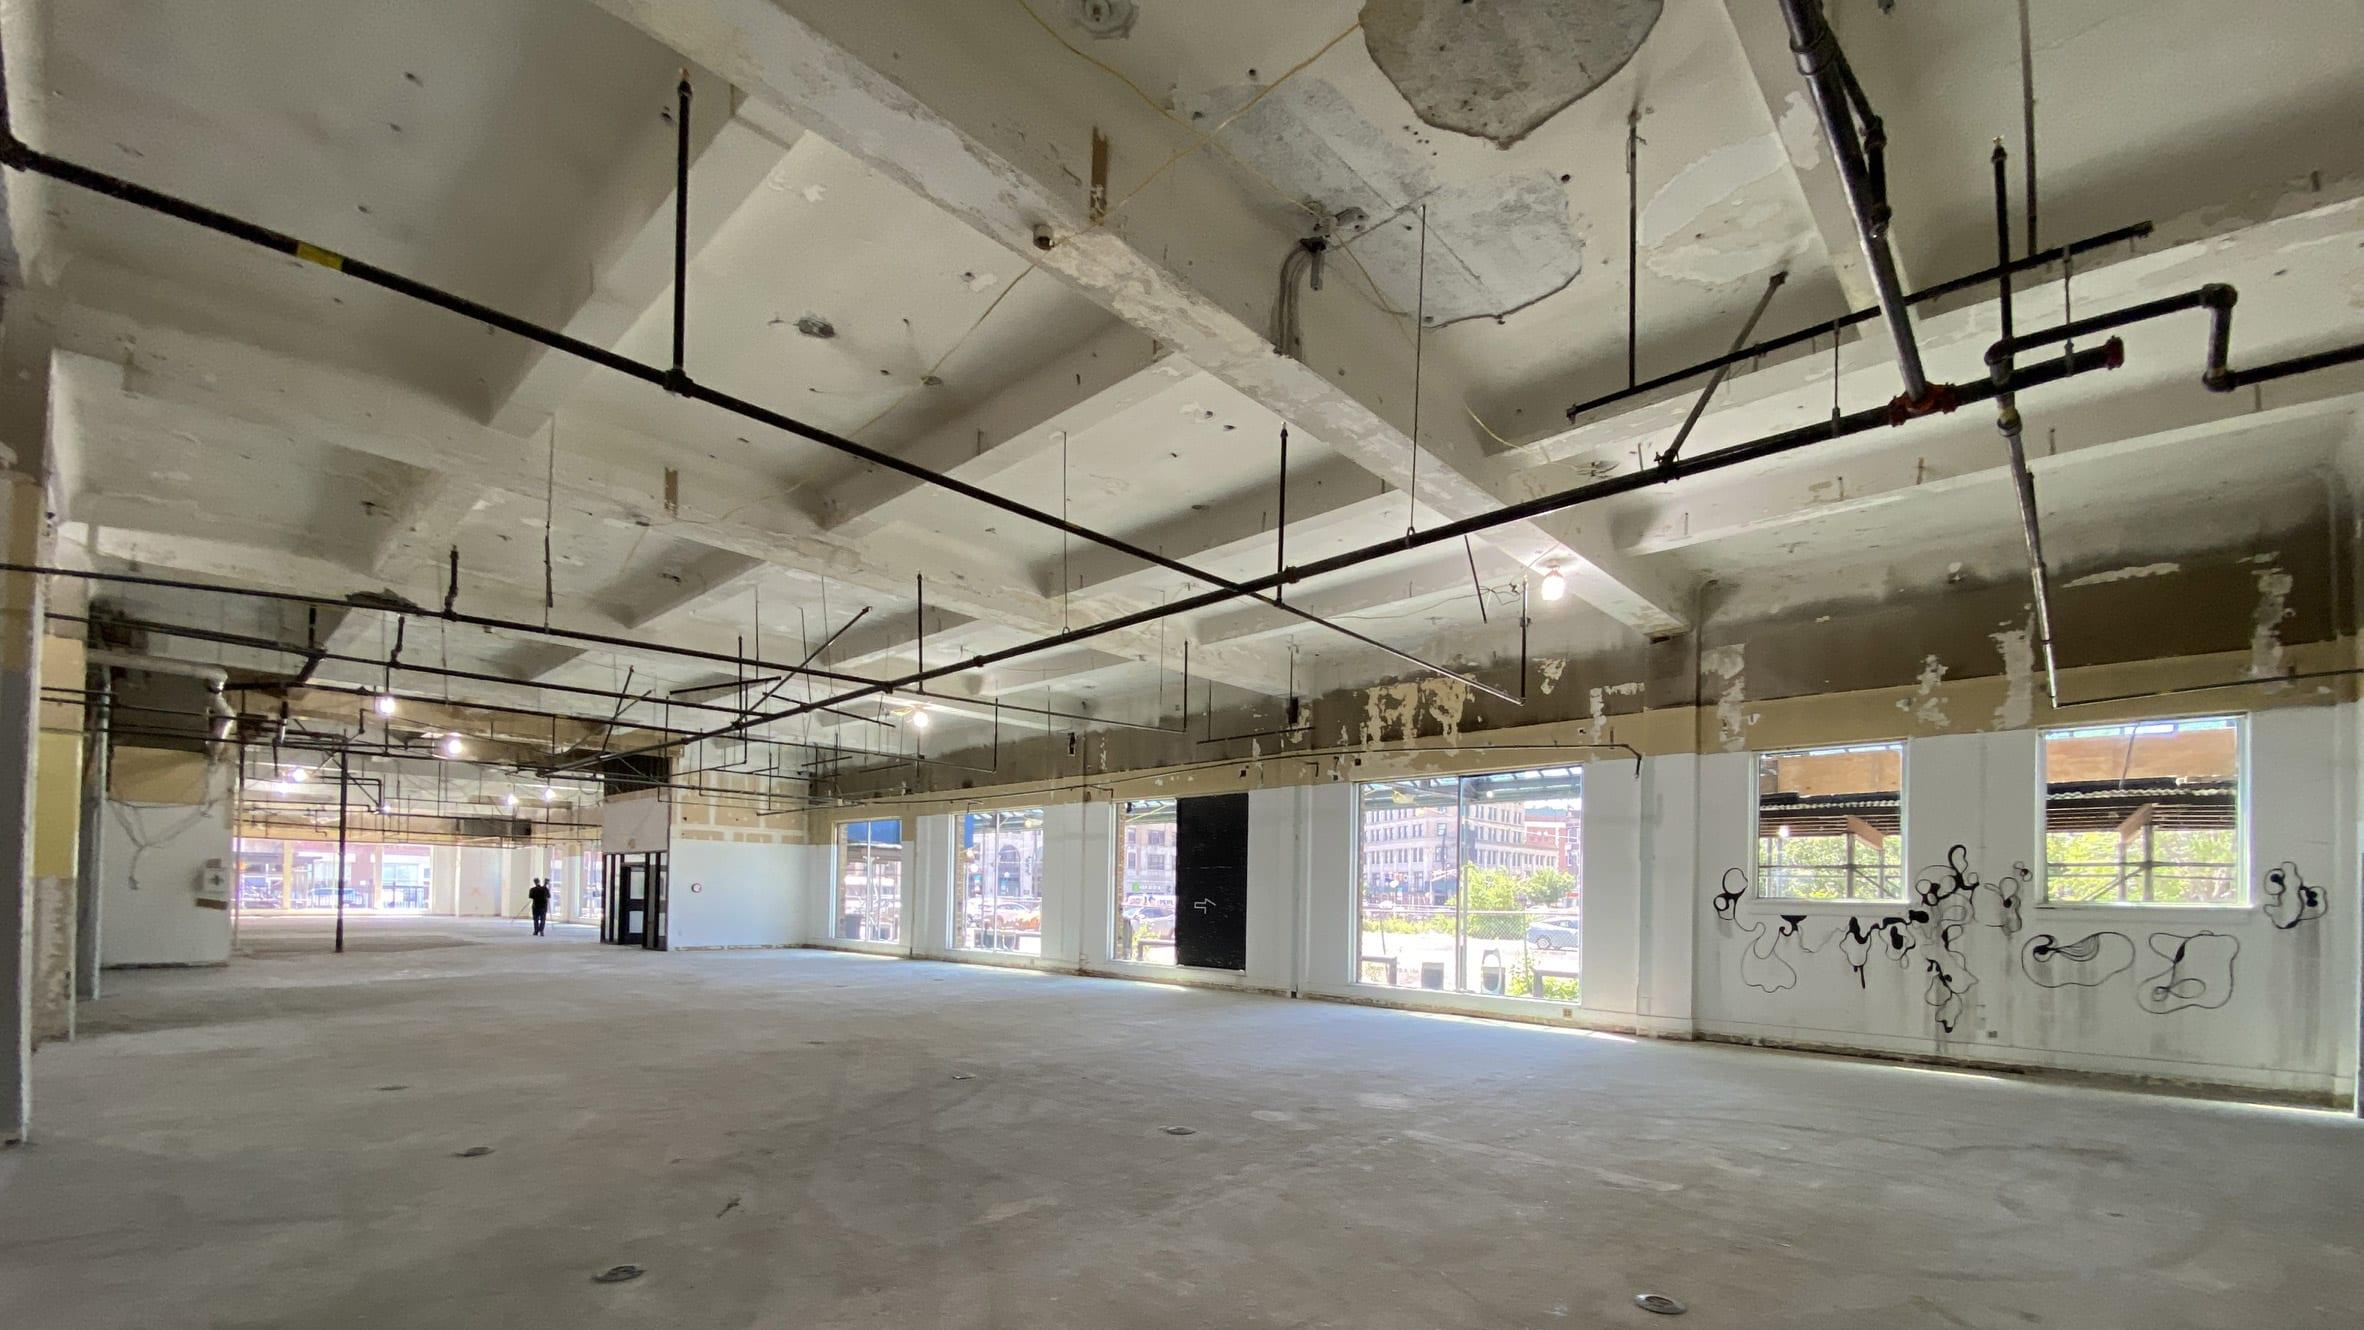 The Centre Pompidou Jersey City has a concrete construction